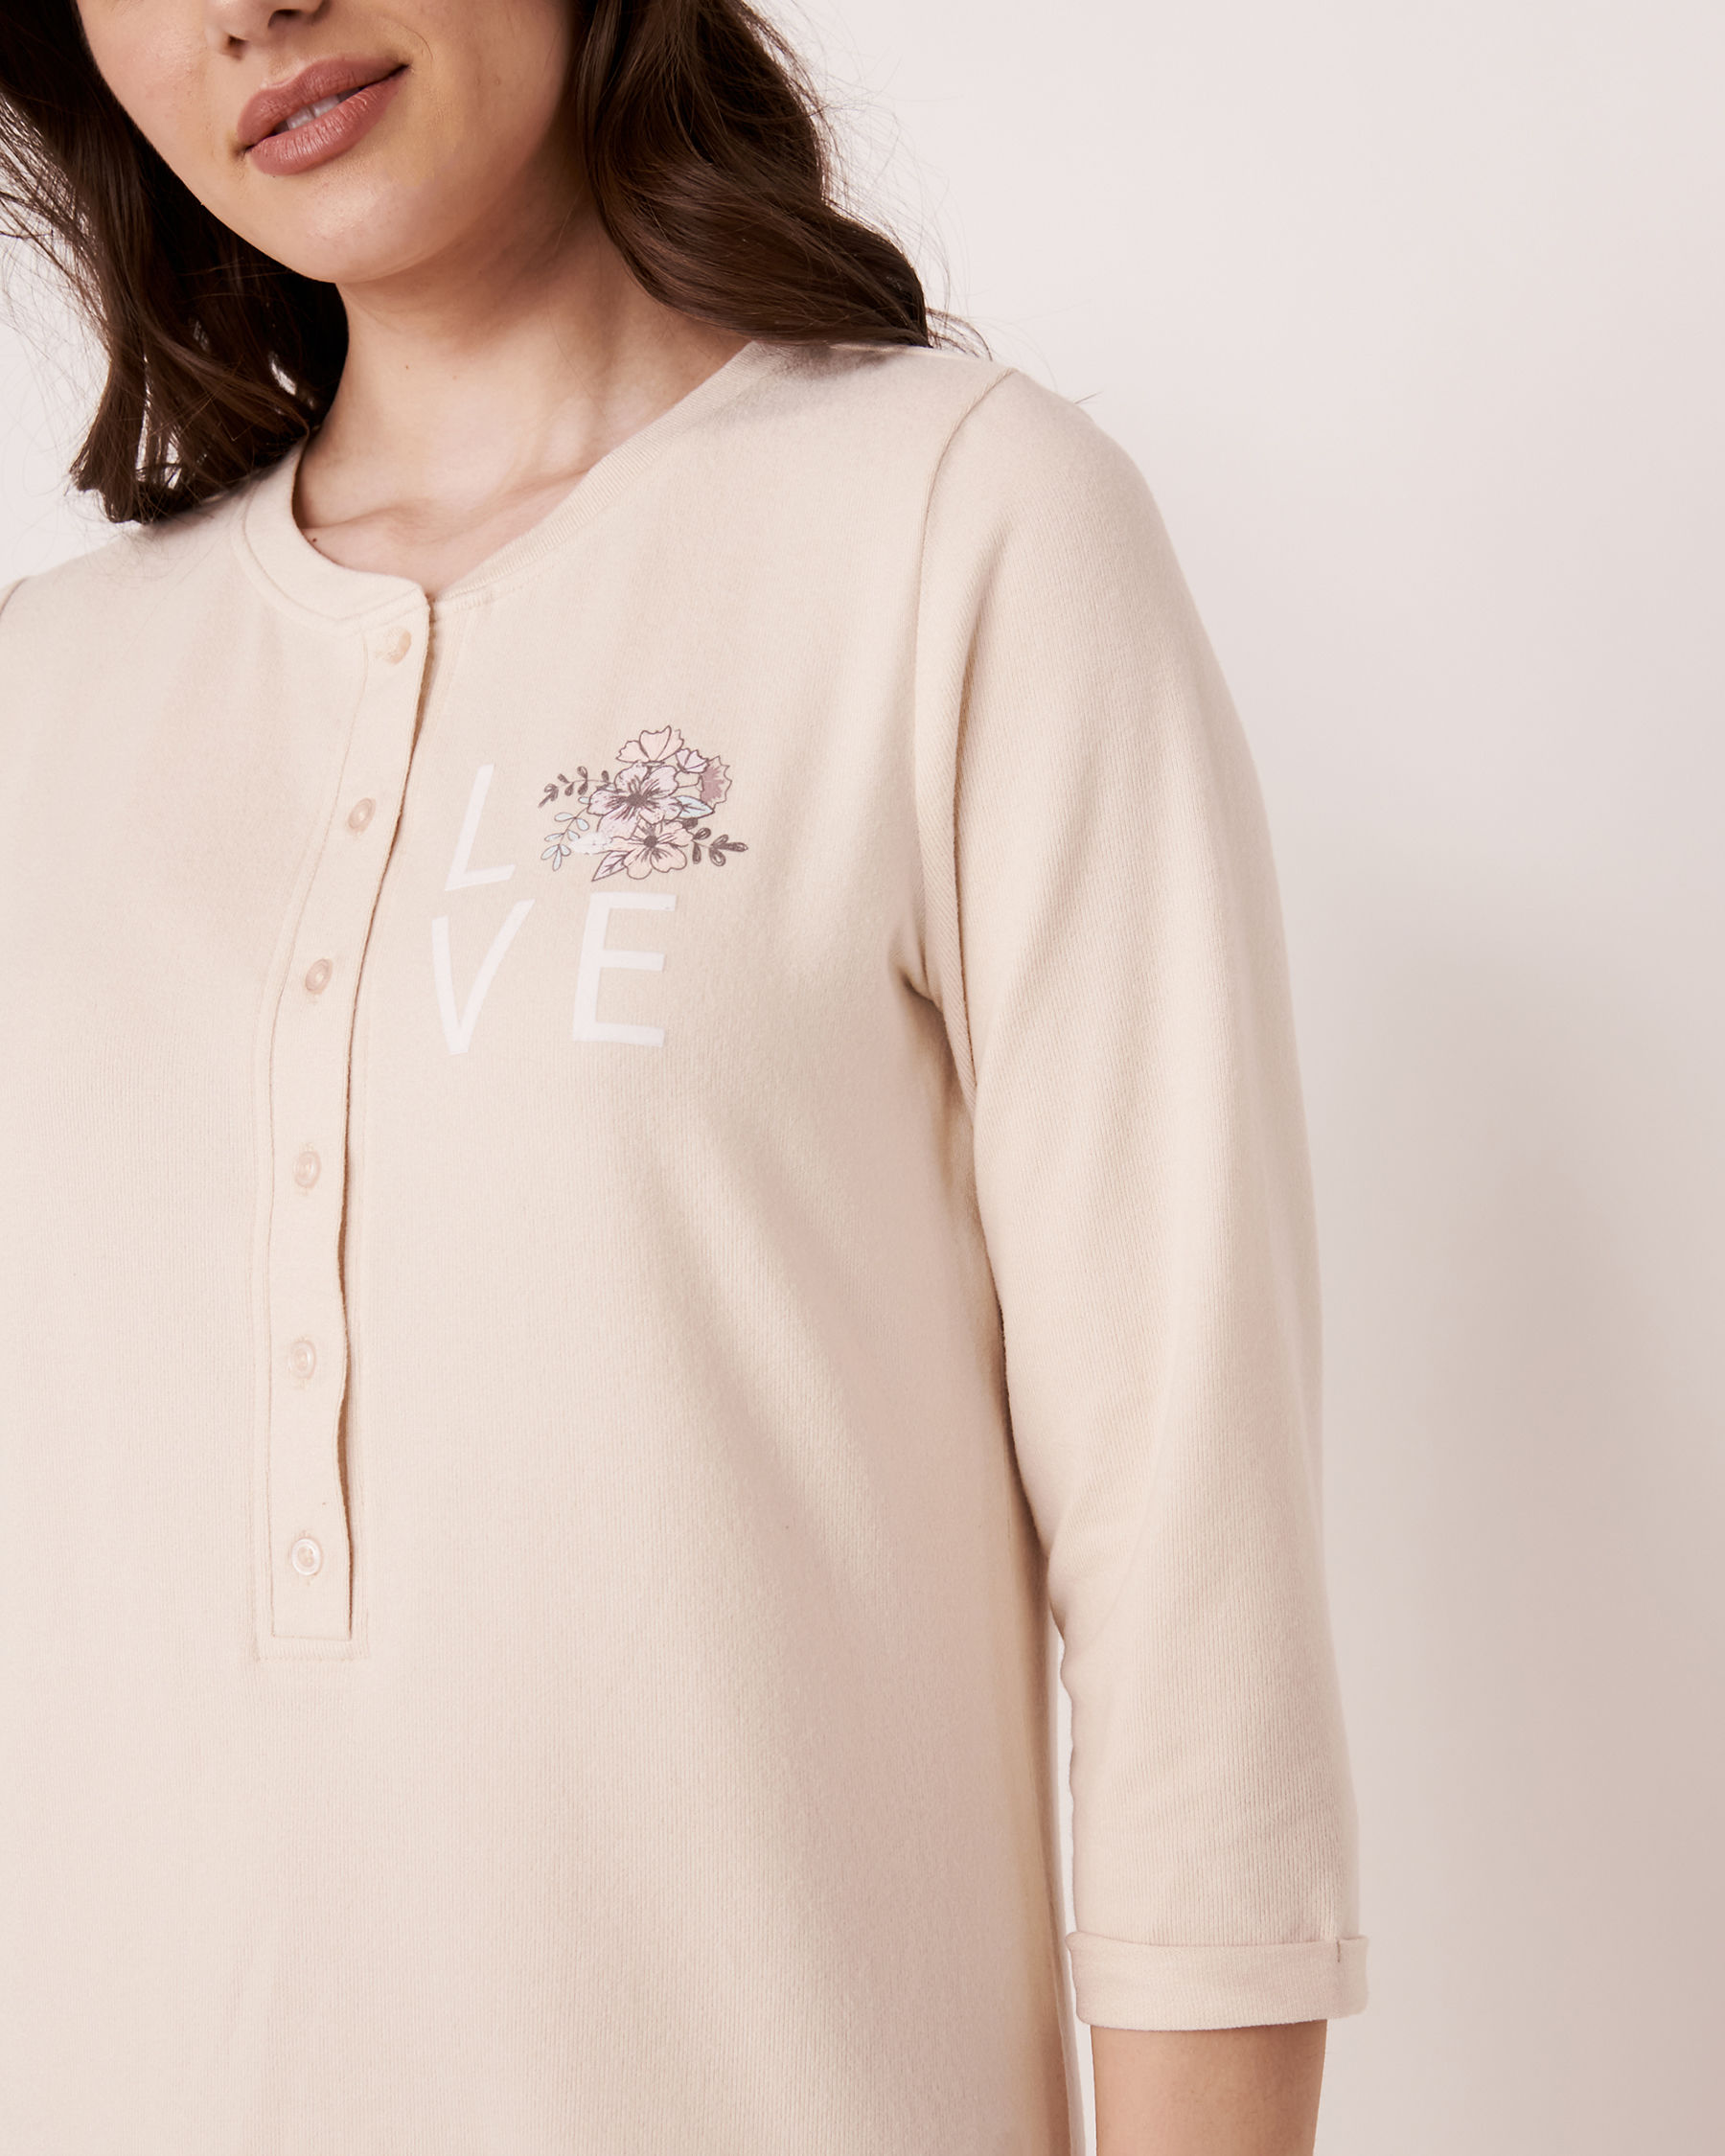 LA VIE EN ROSE Recycled Fibers 3/4 Sleeve Sleepshirt Grey mix 40500090 - View3